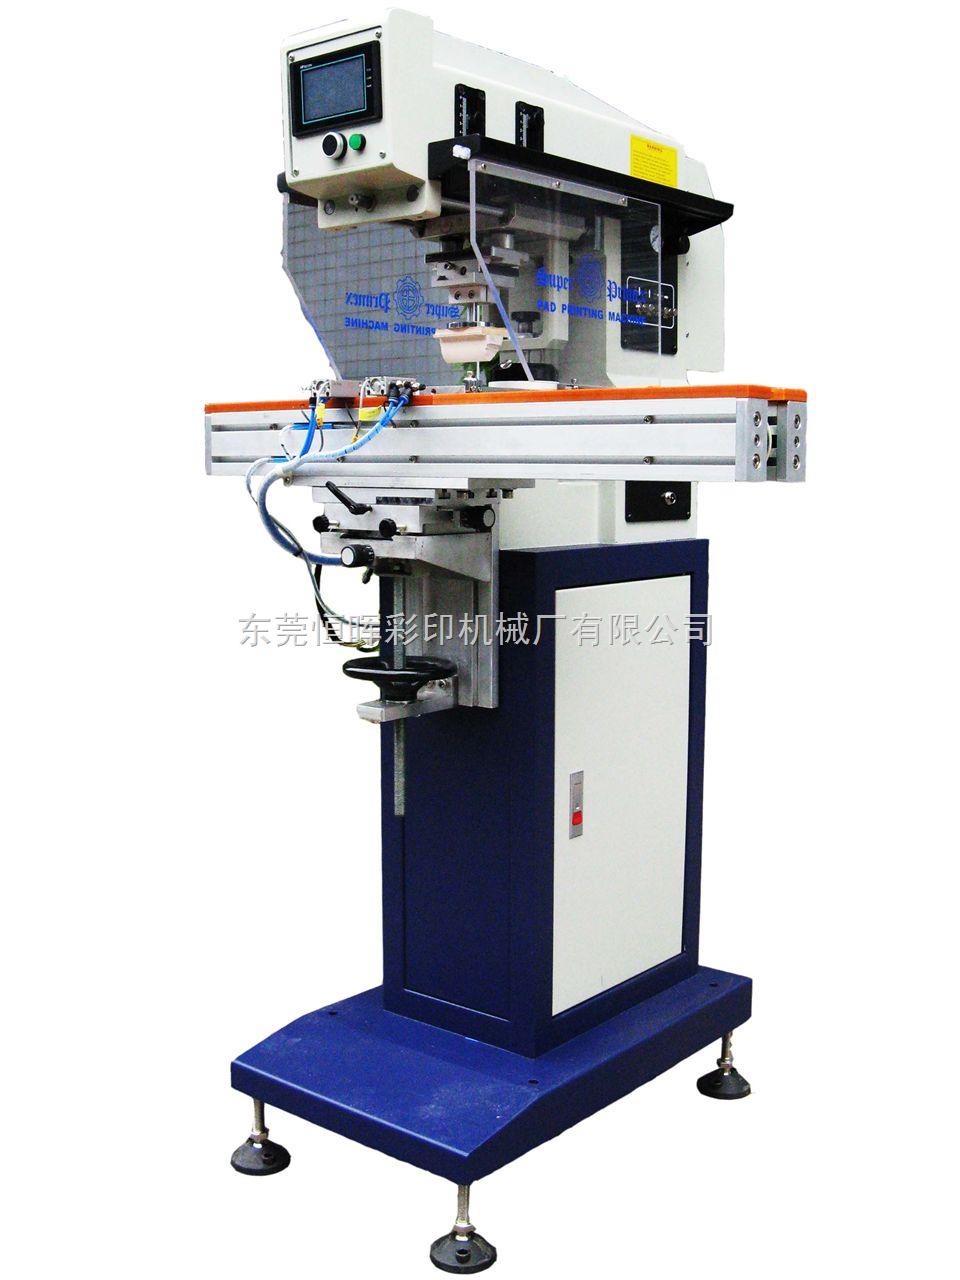 热销印刷电阻、电容、读卡器移印机|恒晖新款移印机